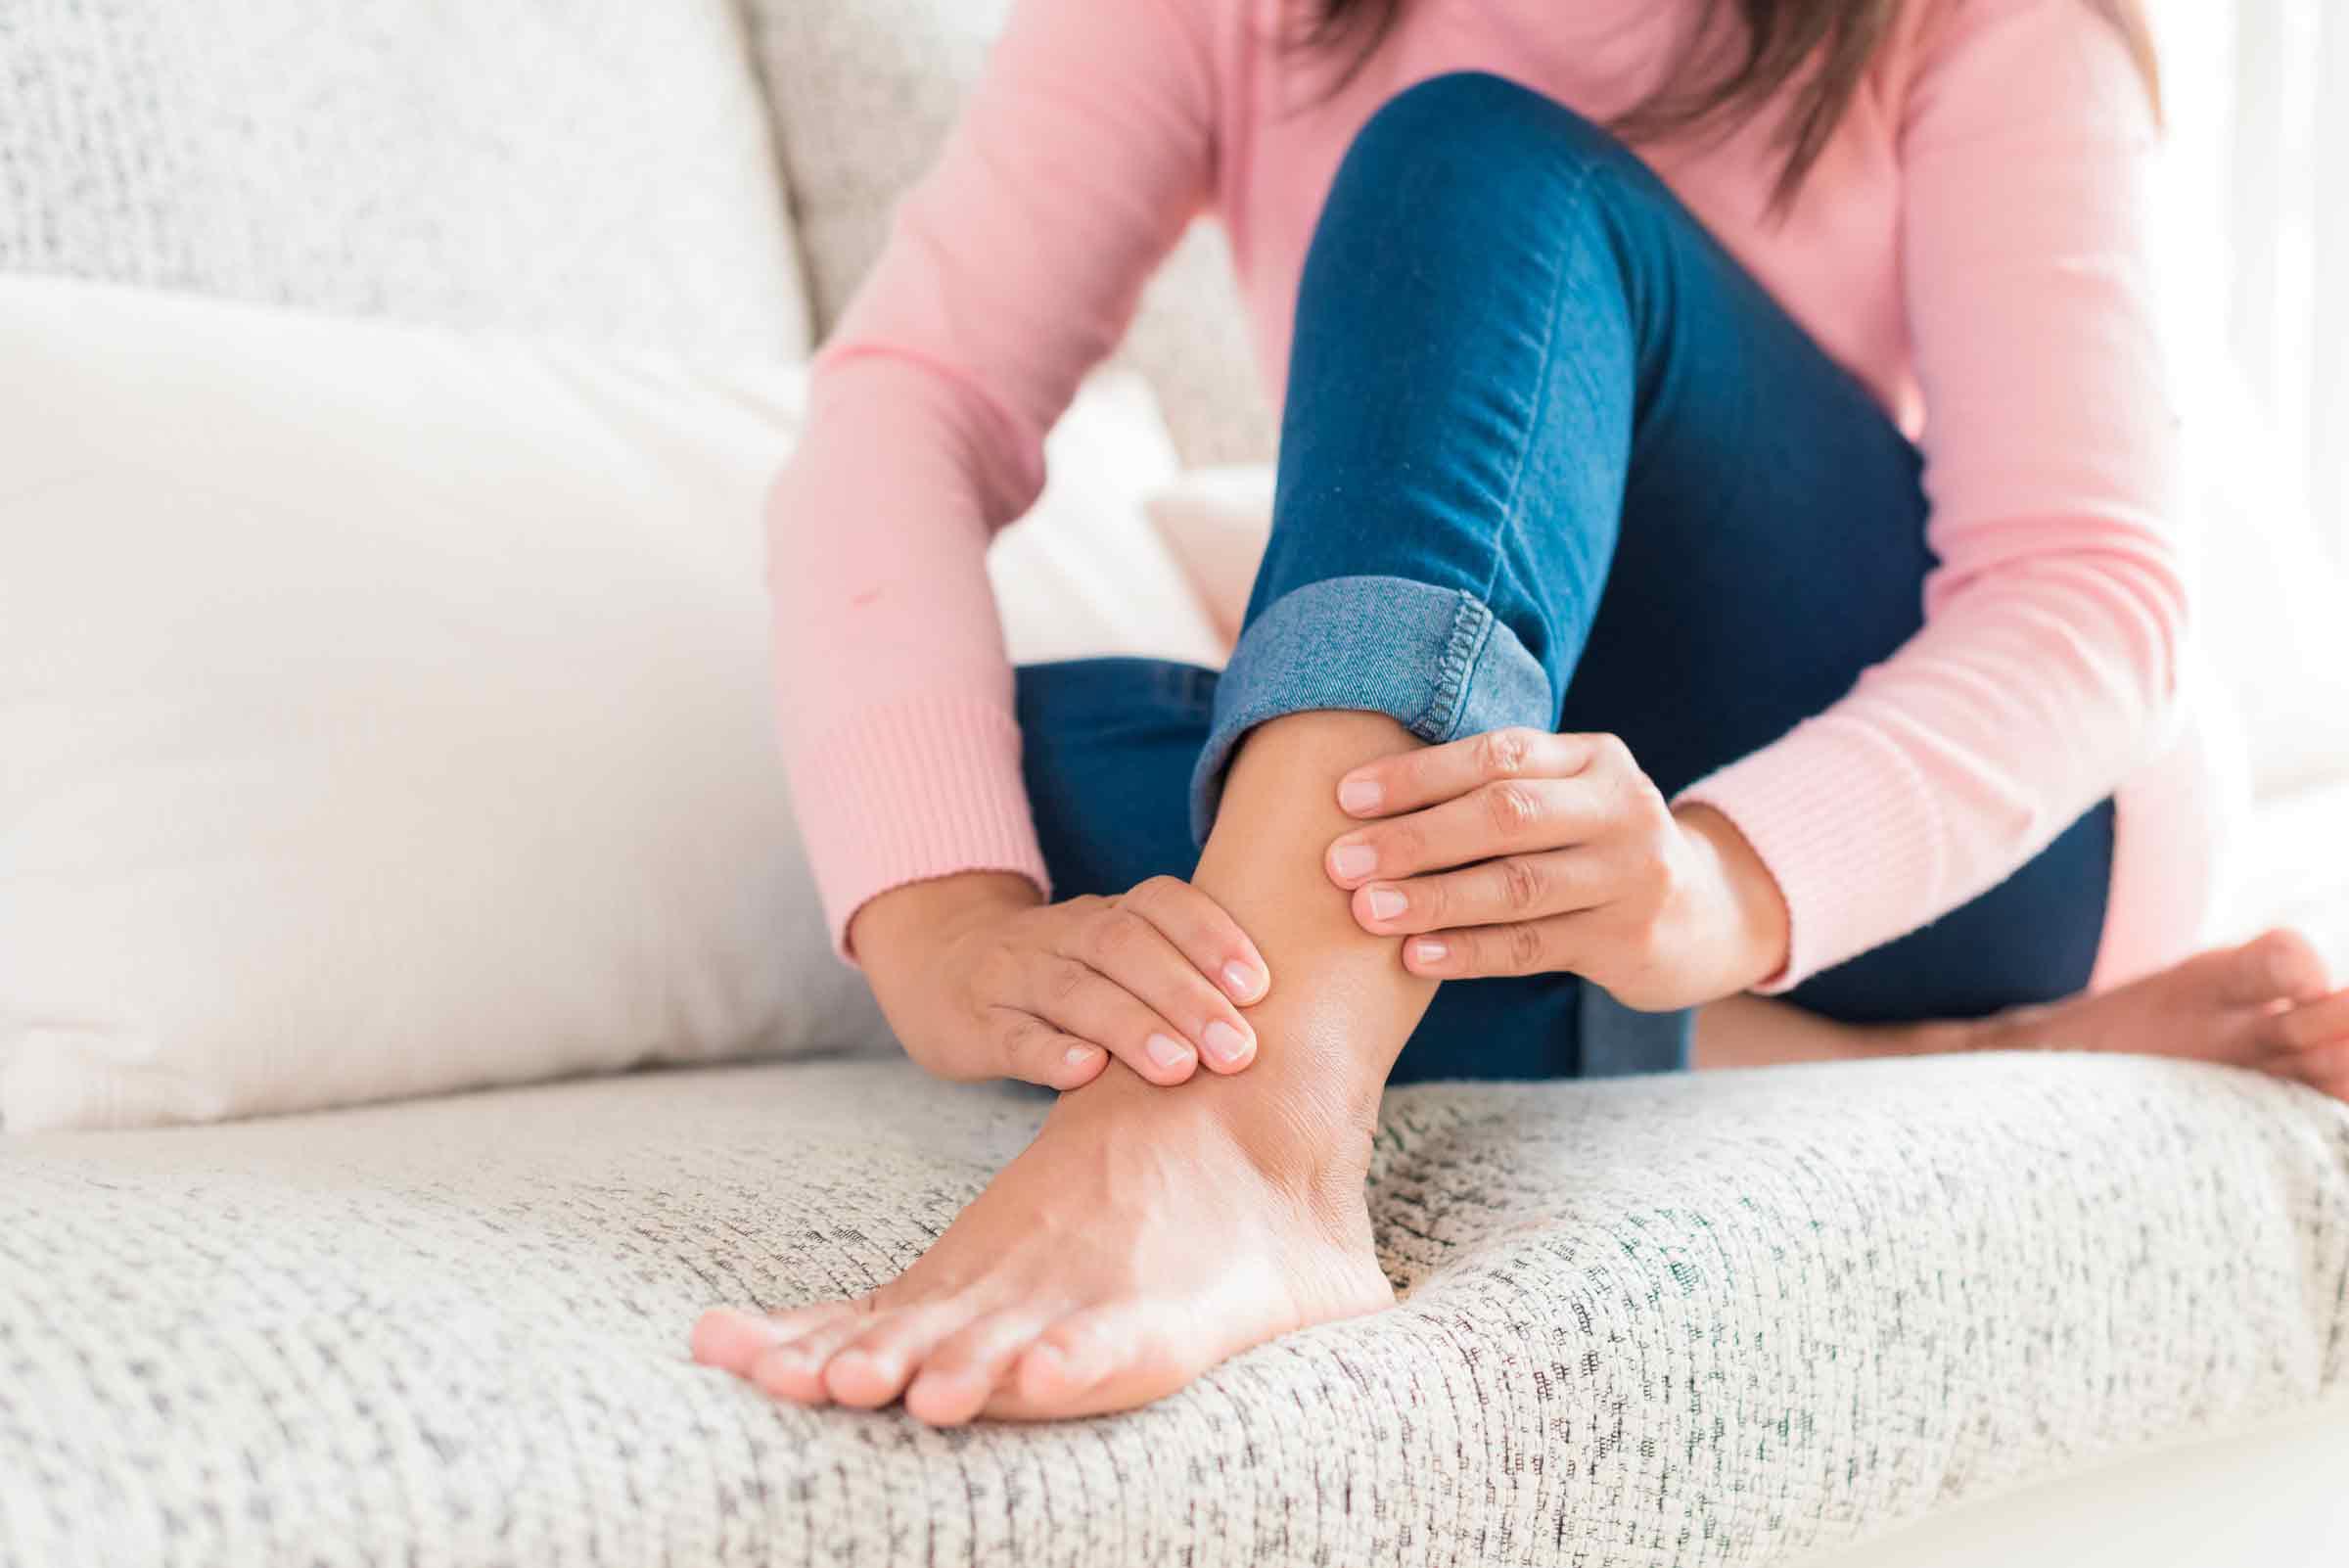 Imagem de uma mulher sentada em um sofá e se segurando o seu tornozelo dolorido